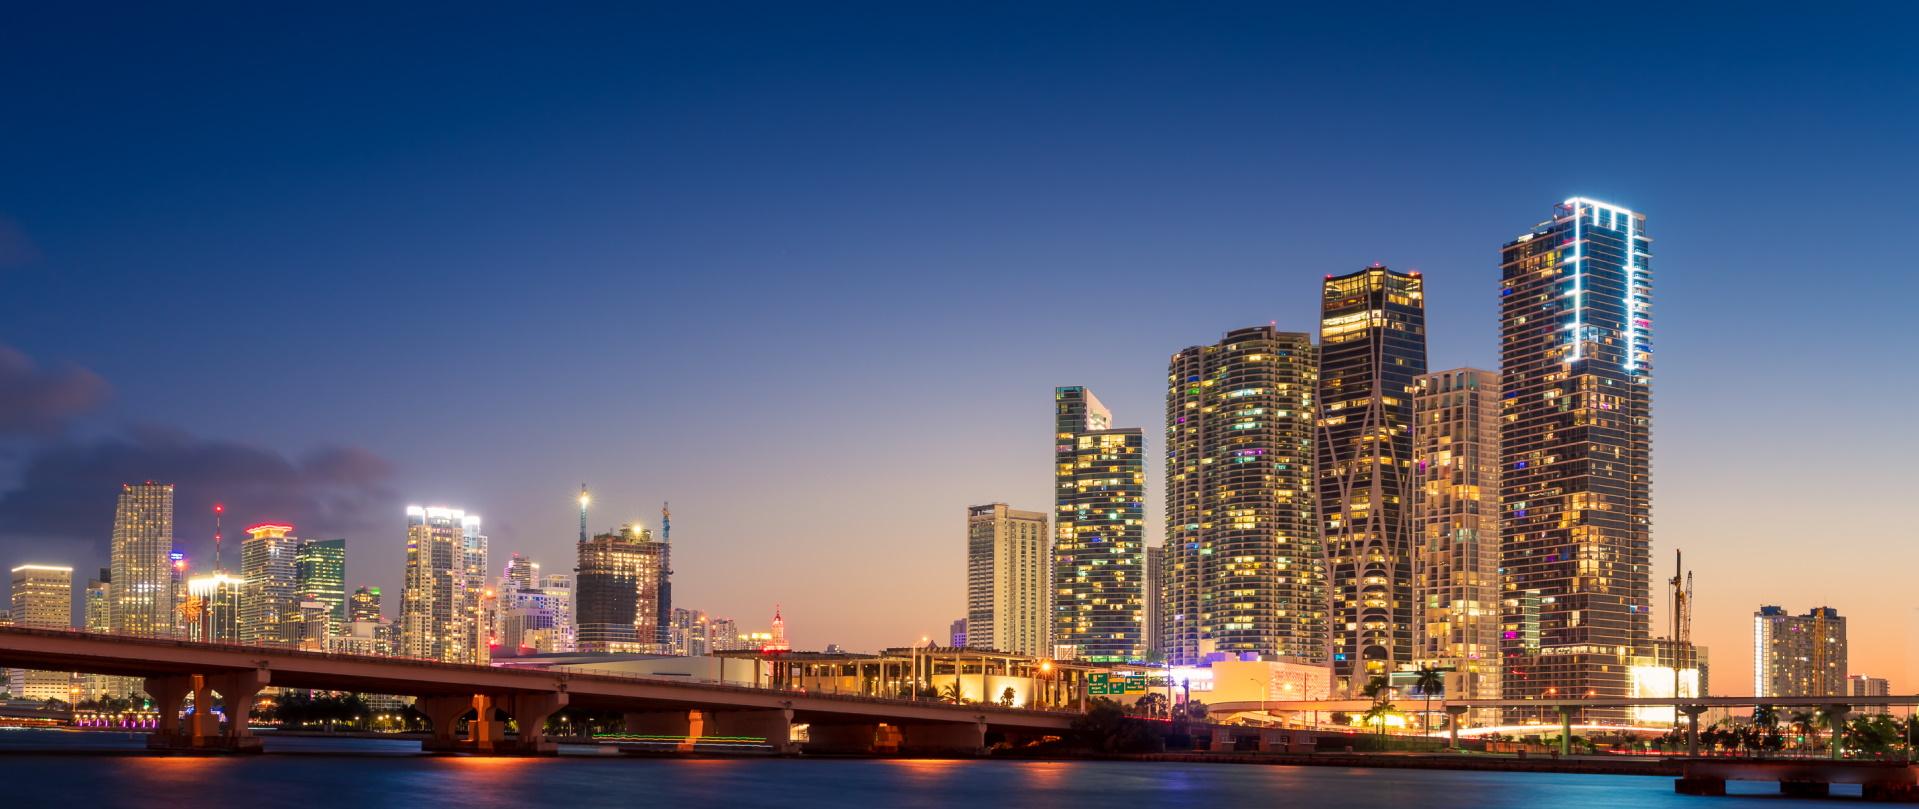 miami city skyline and macarthur causeway at night VWGDJ24